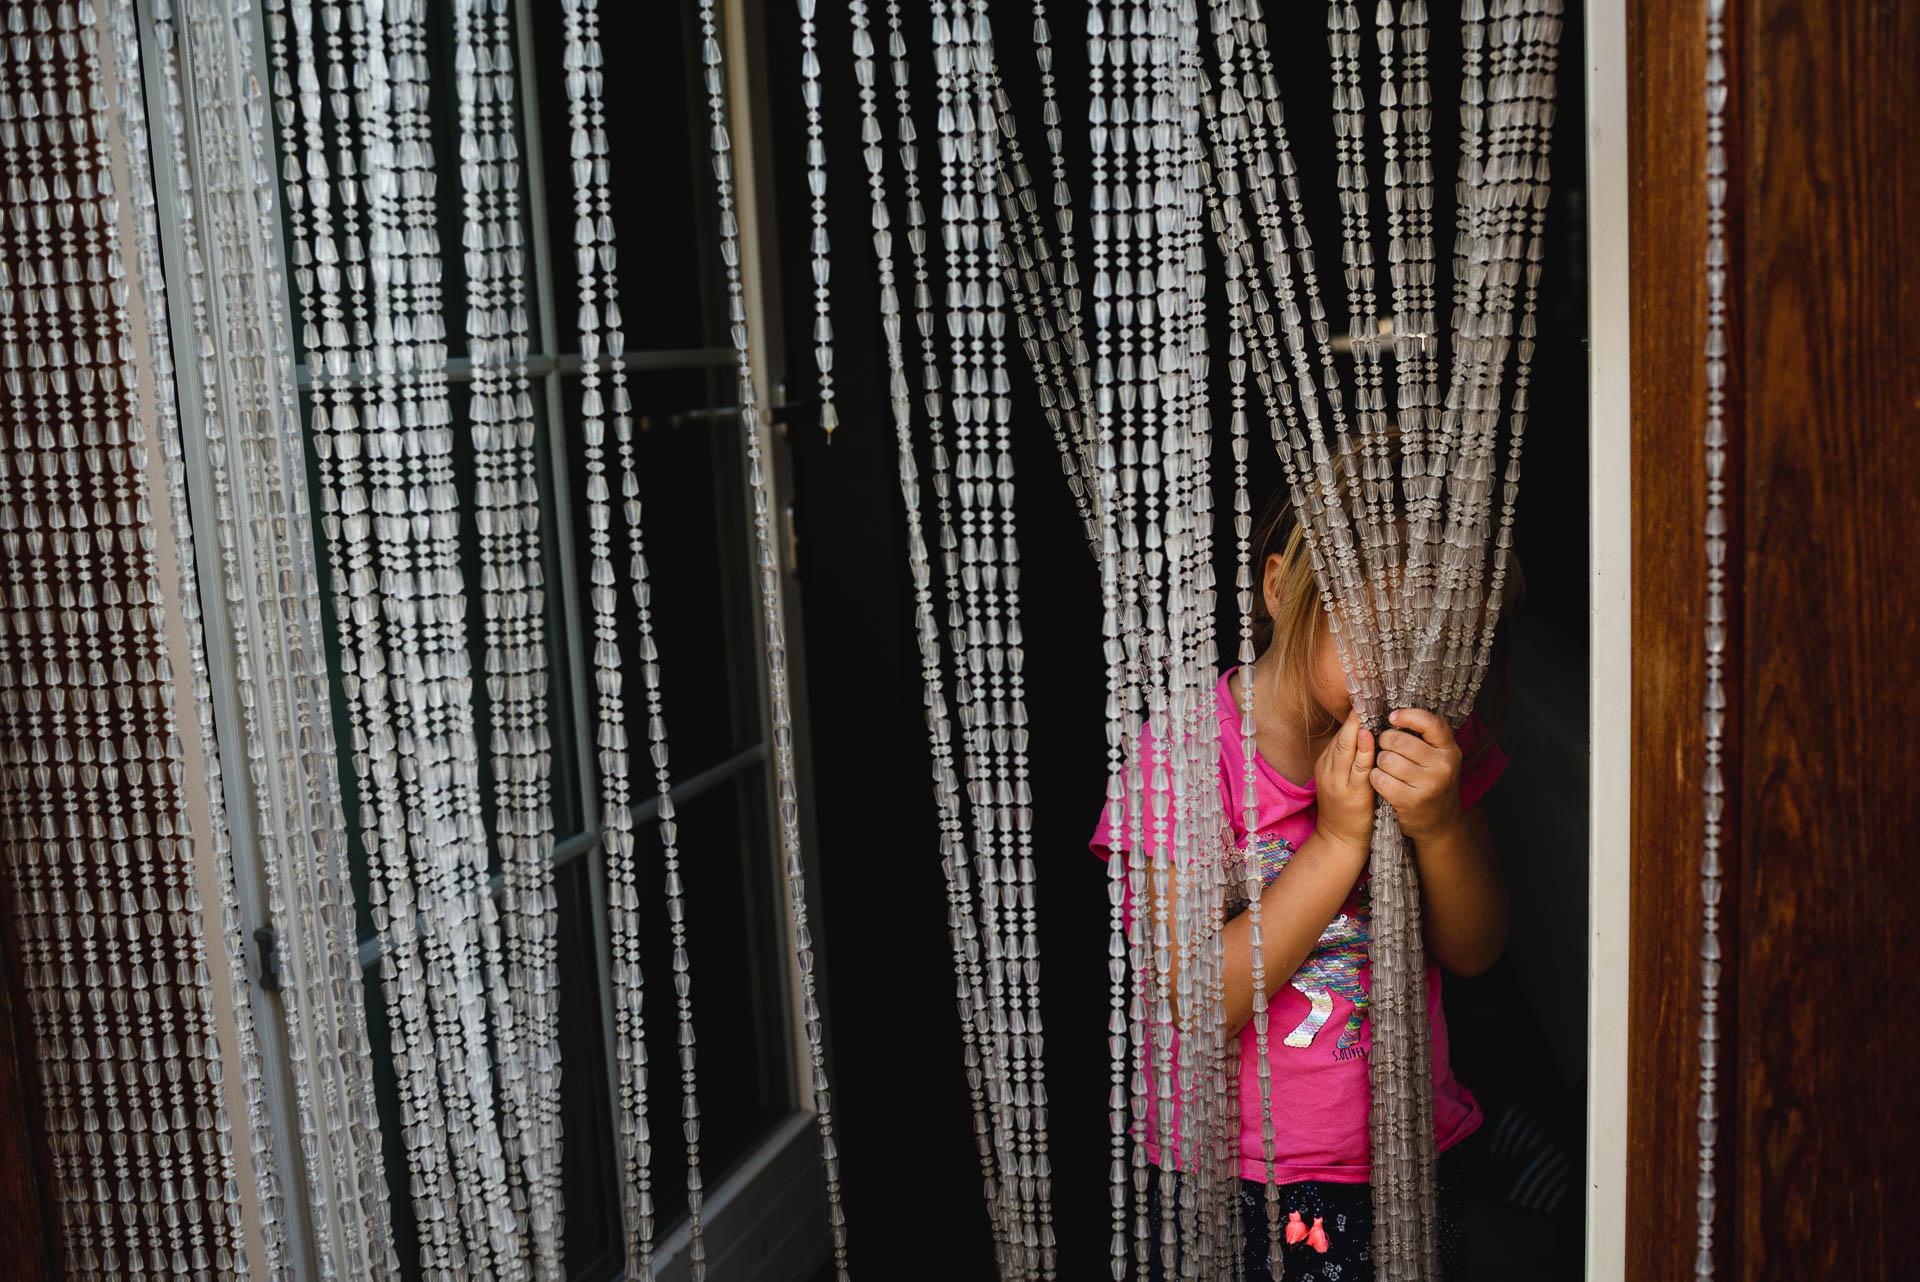 Mädchen versteckt dich hinter einem Perlenvorhang